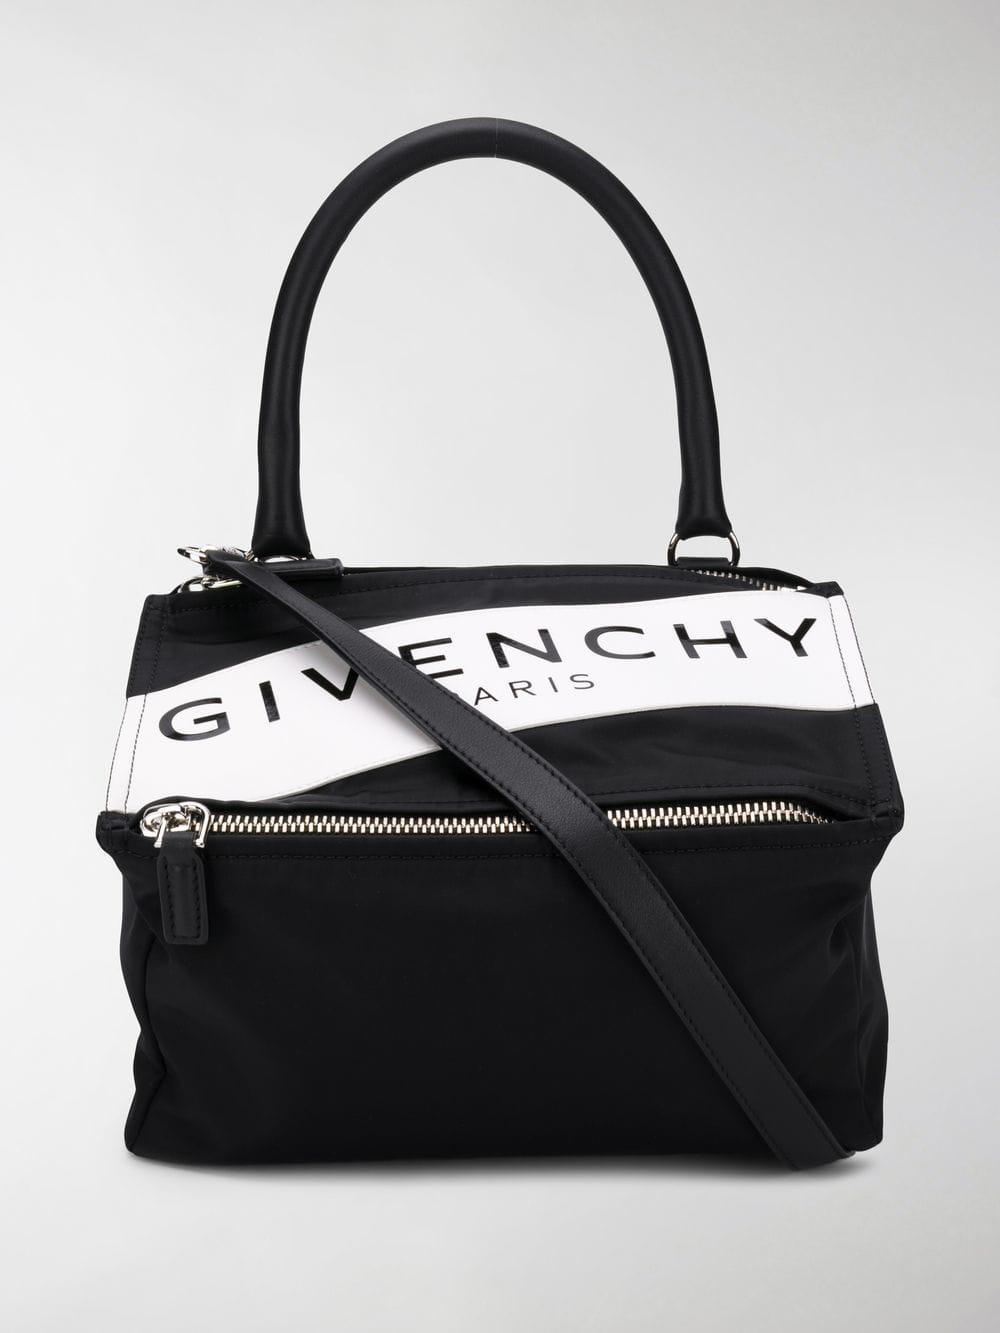 1753e3e4cc Lyst - Givenchy Small Pandora Tote Bag in Black